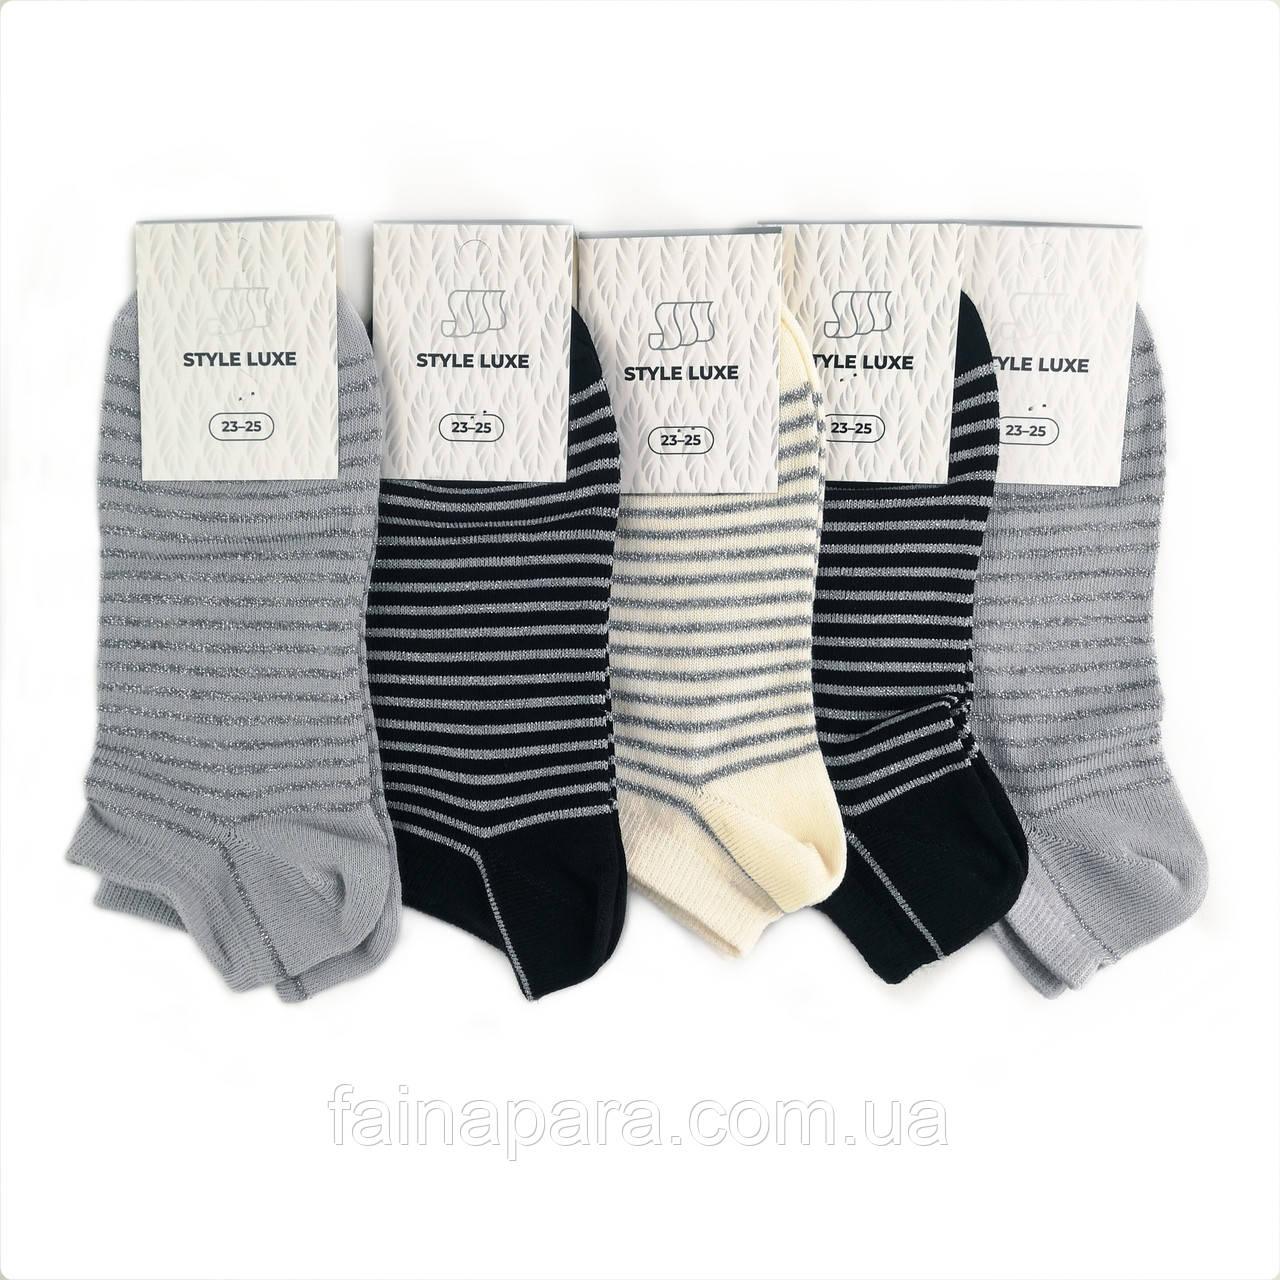 Короткие женские носки с блестящими полосками